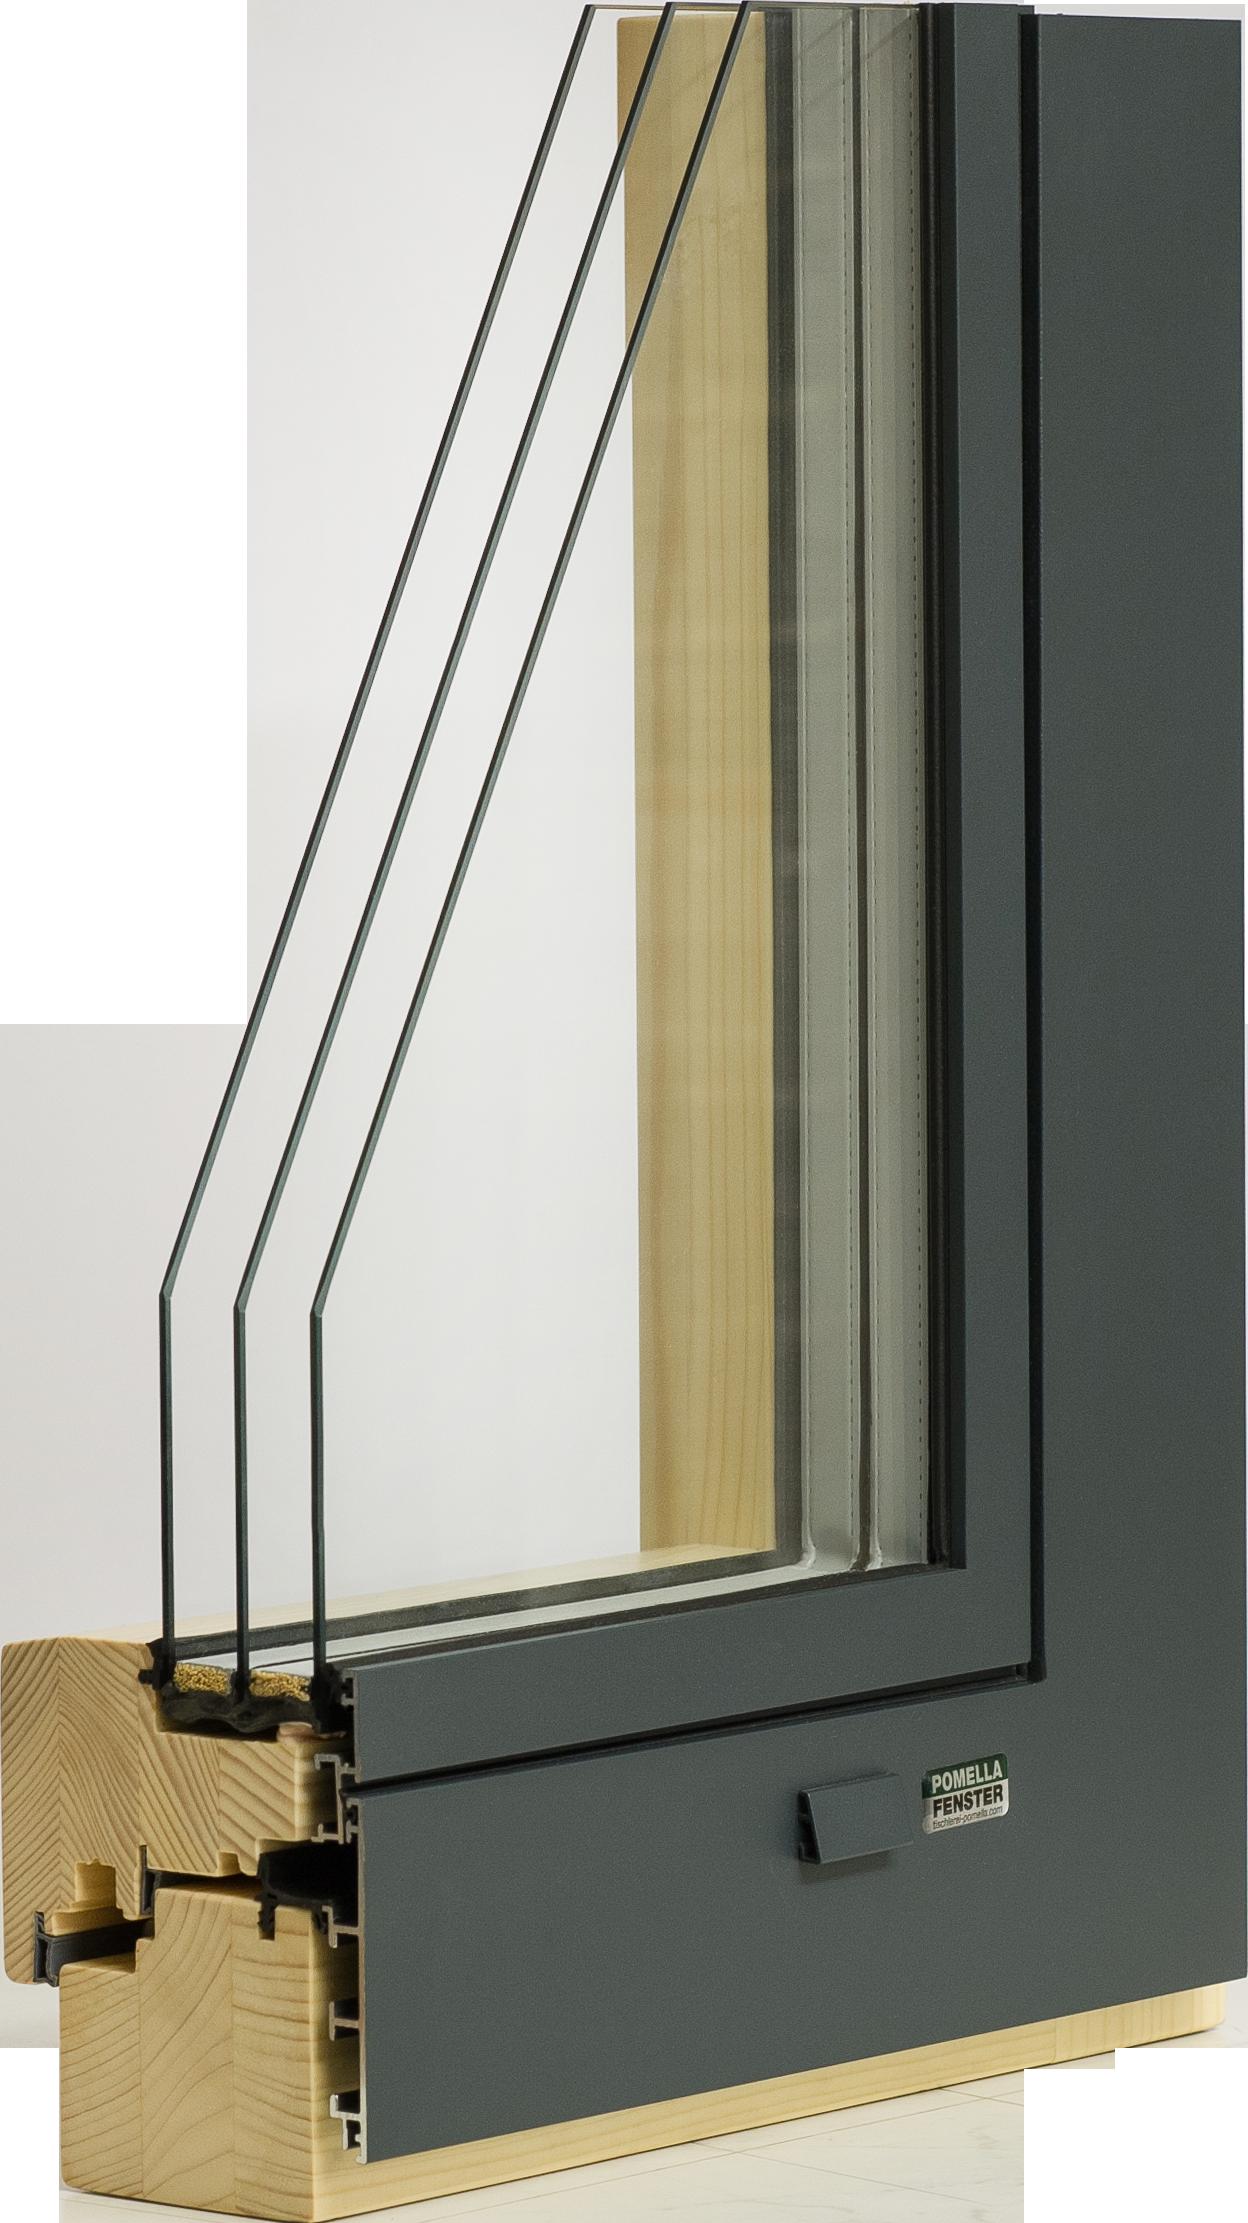 Full Size of Holz Alu Fenster Mit 3 Fach Verglasung Auen Flchenbndig Bauhaus Zwangsbelüftung Nachrüsten Sonnenschutzfolie Innen Insektenschutzgitter Kbe Klebefolie Polen Fenster Alu Fenster